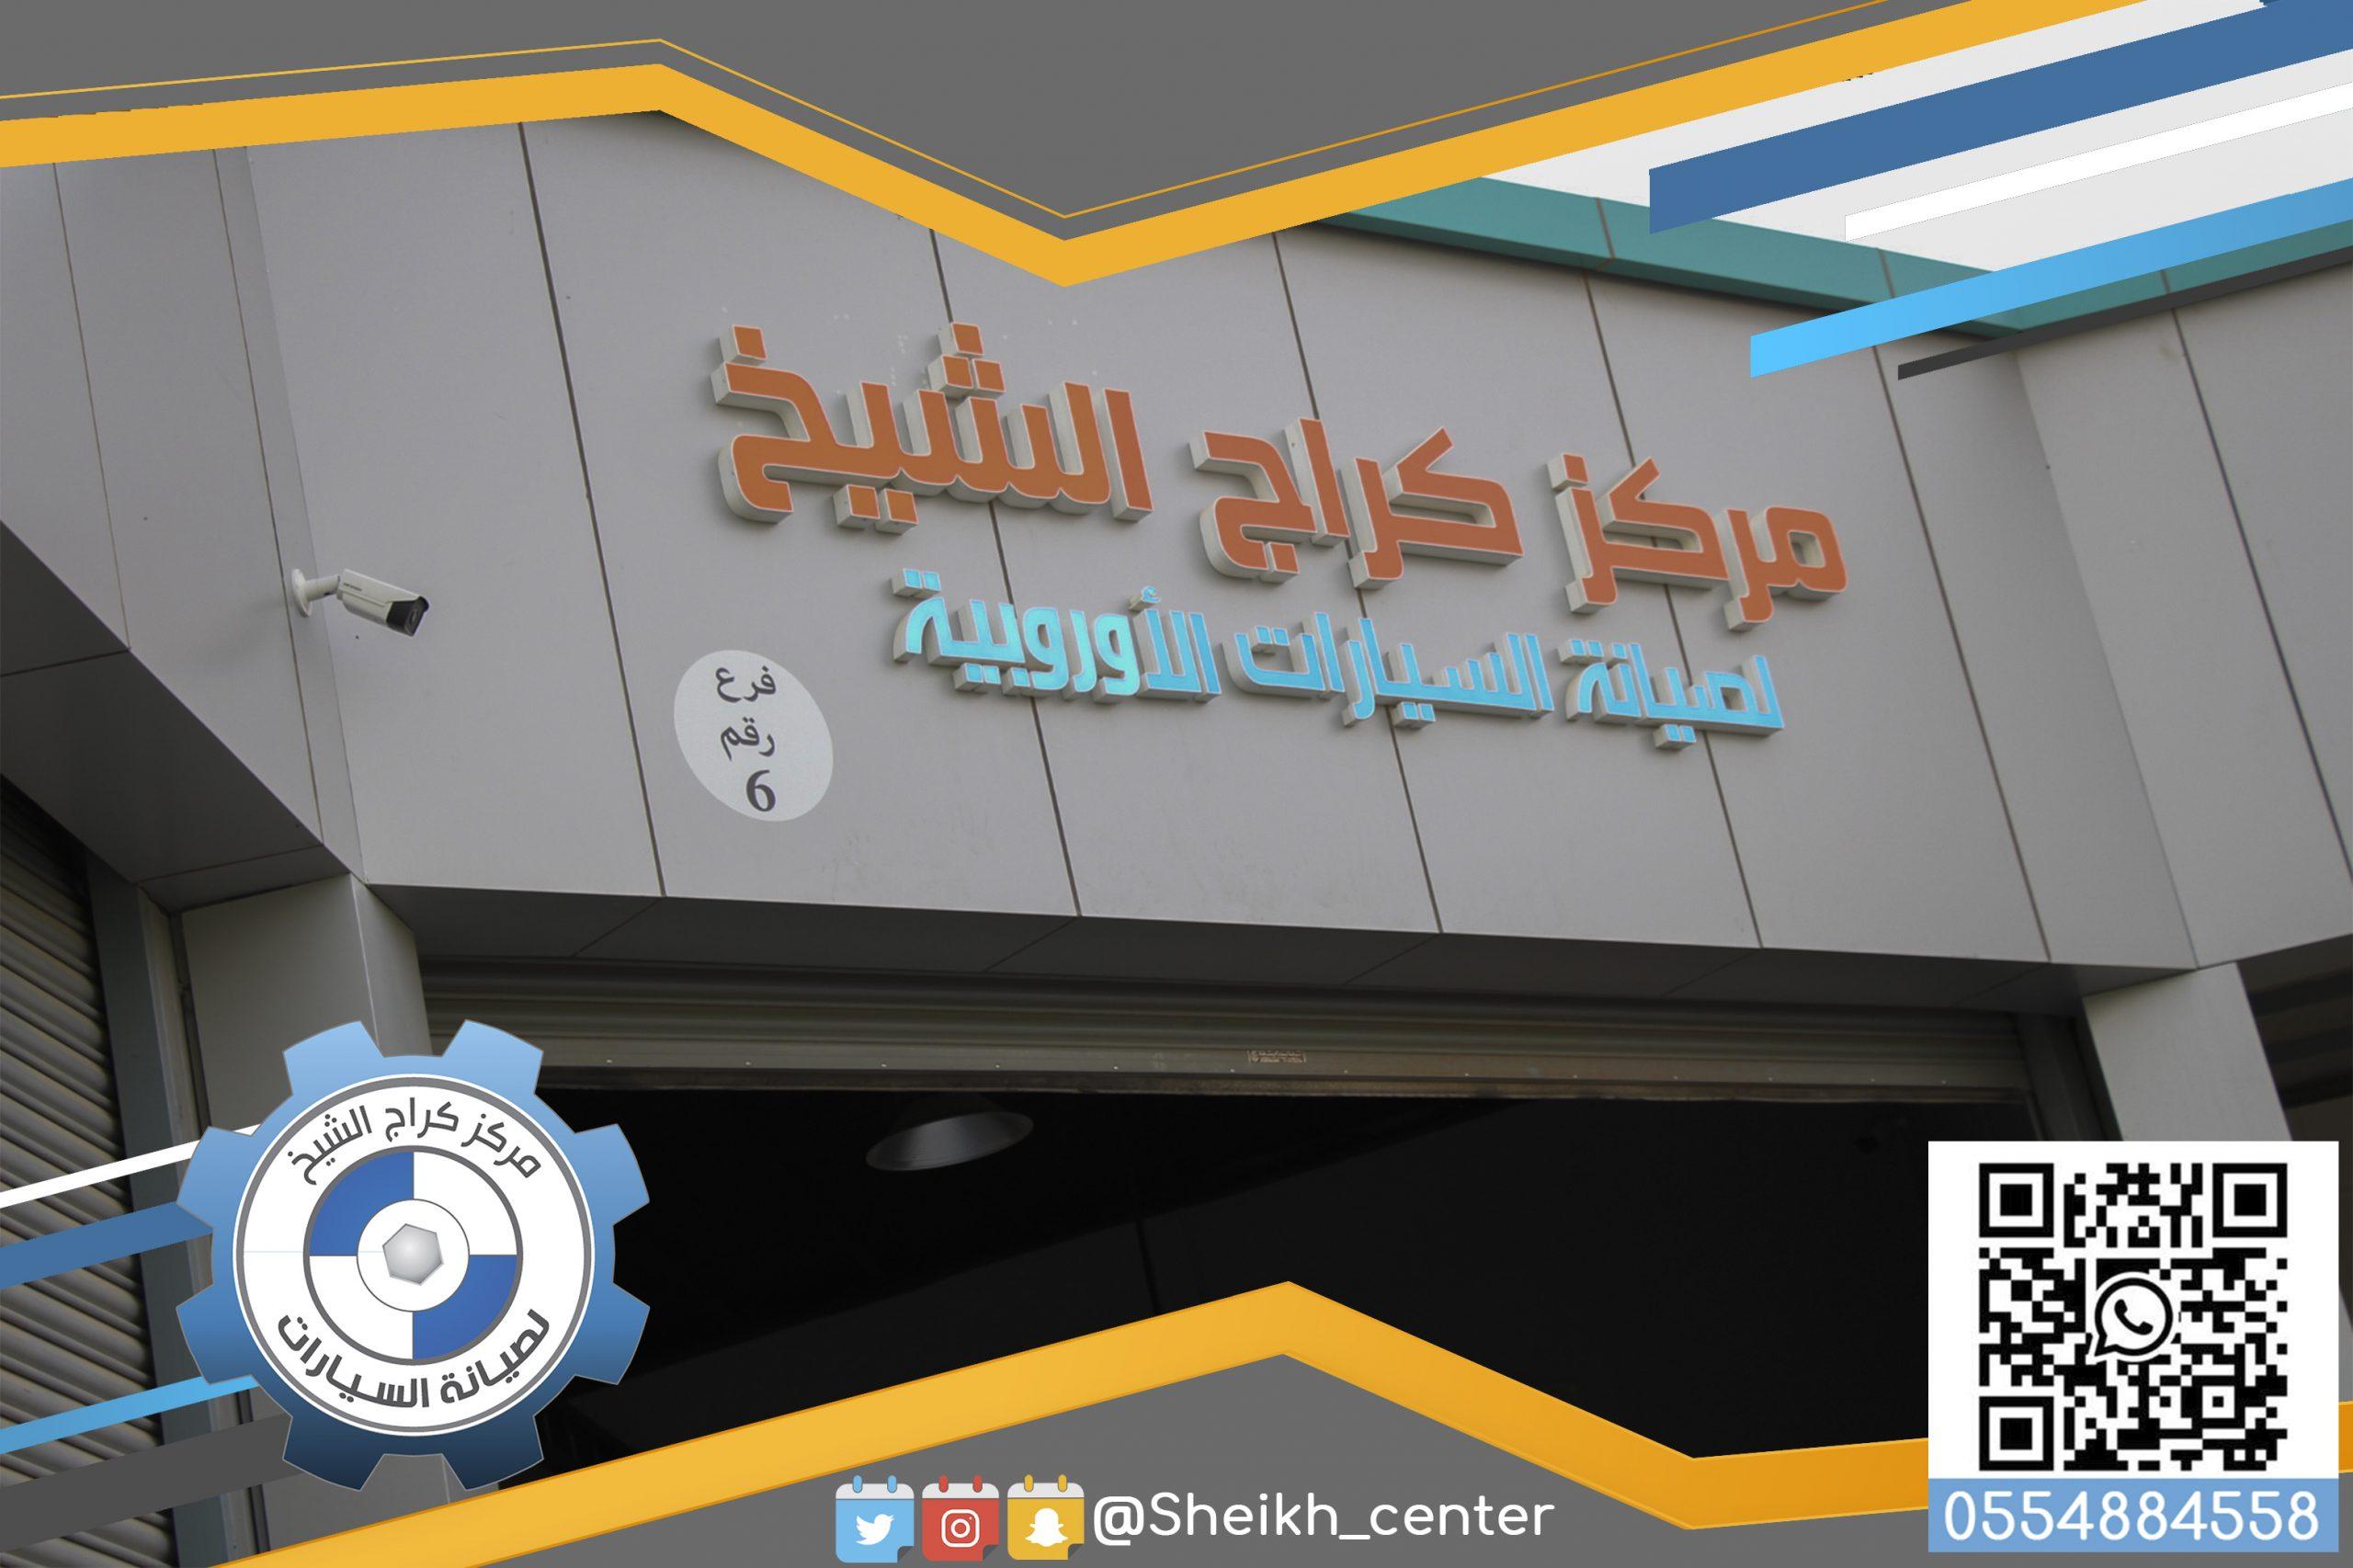 مركز الشيخ